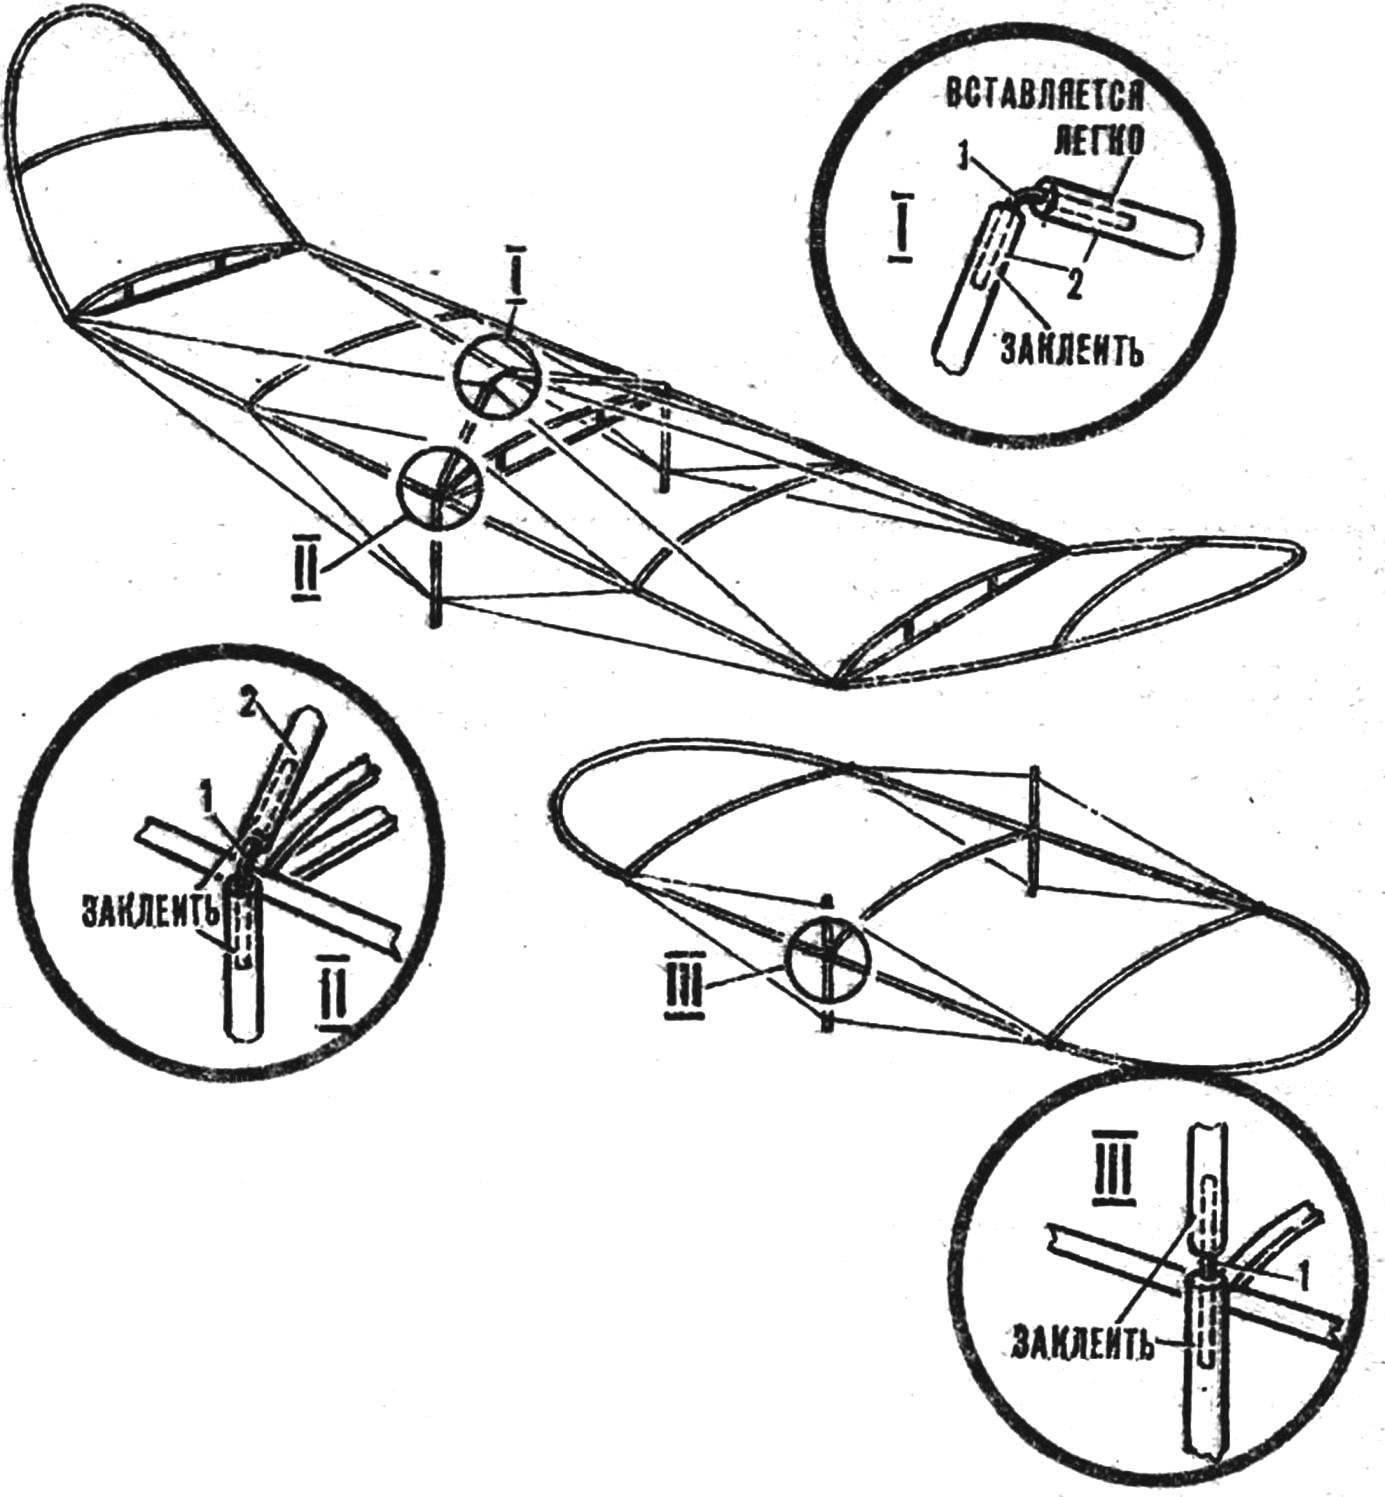 Рис. 1. Крыло и стабилизатор комнатной модели с установленными растяжками